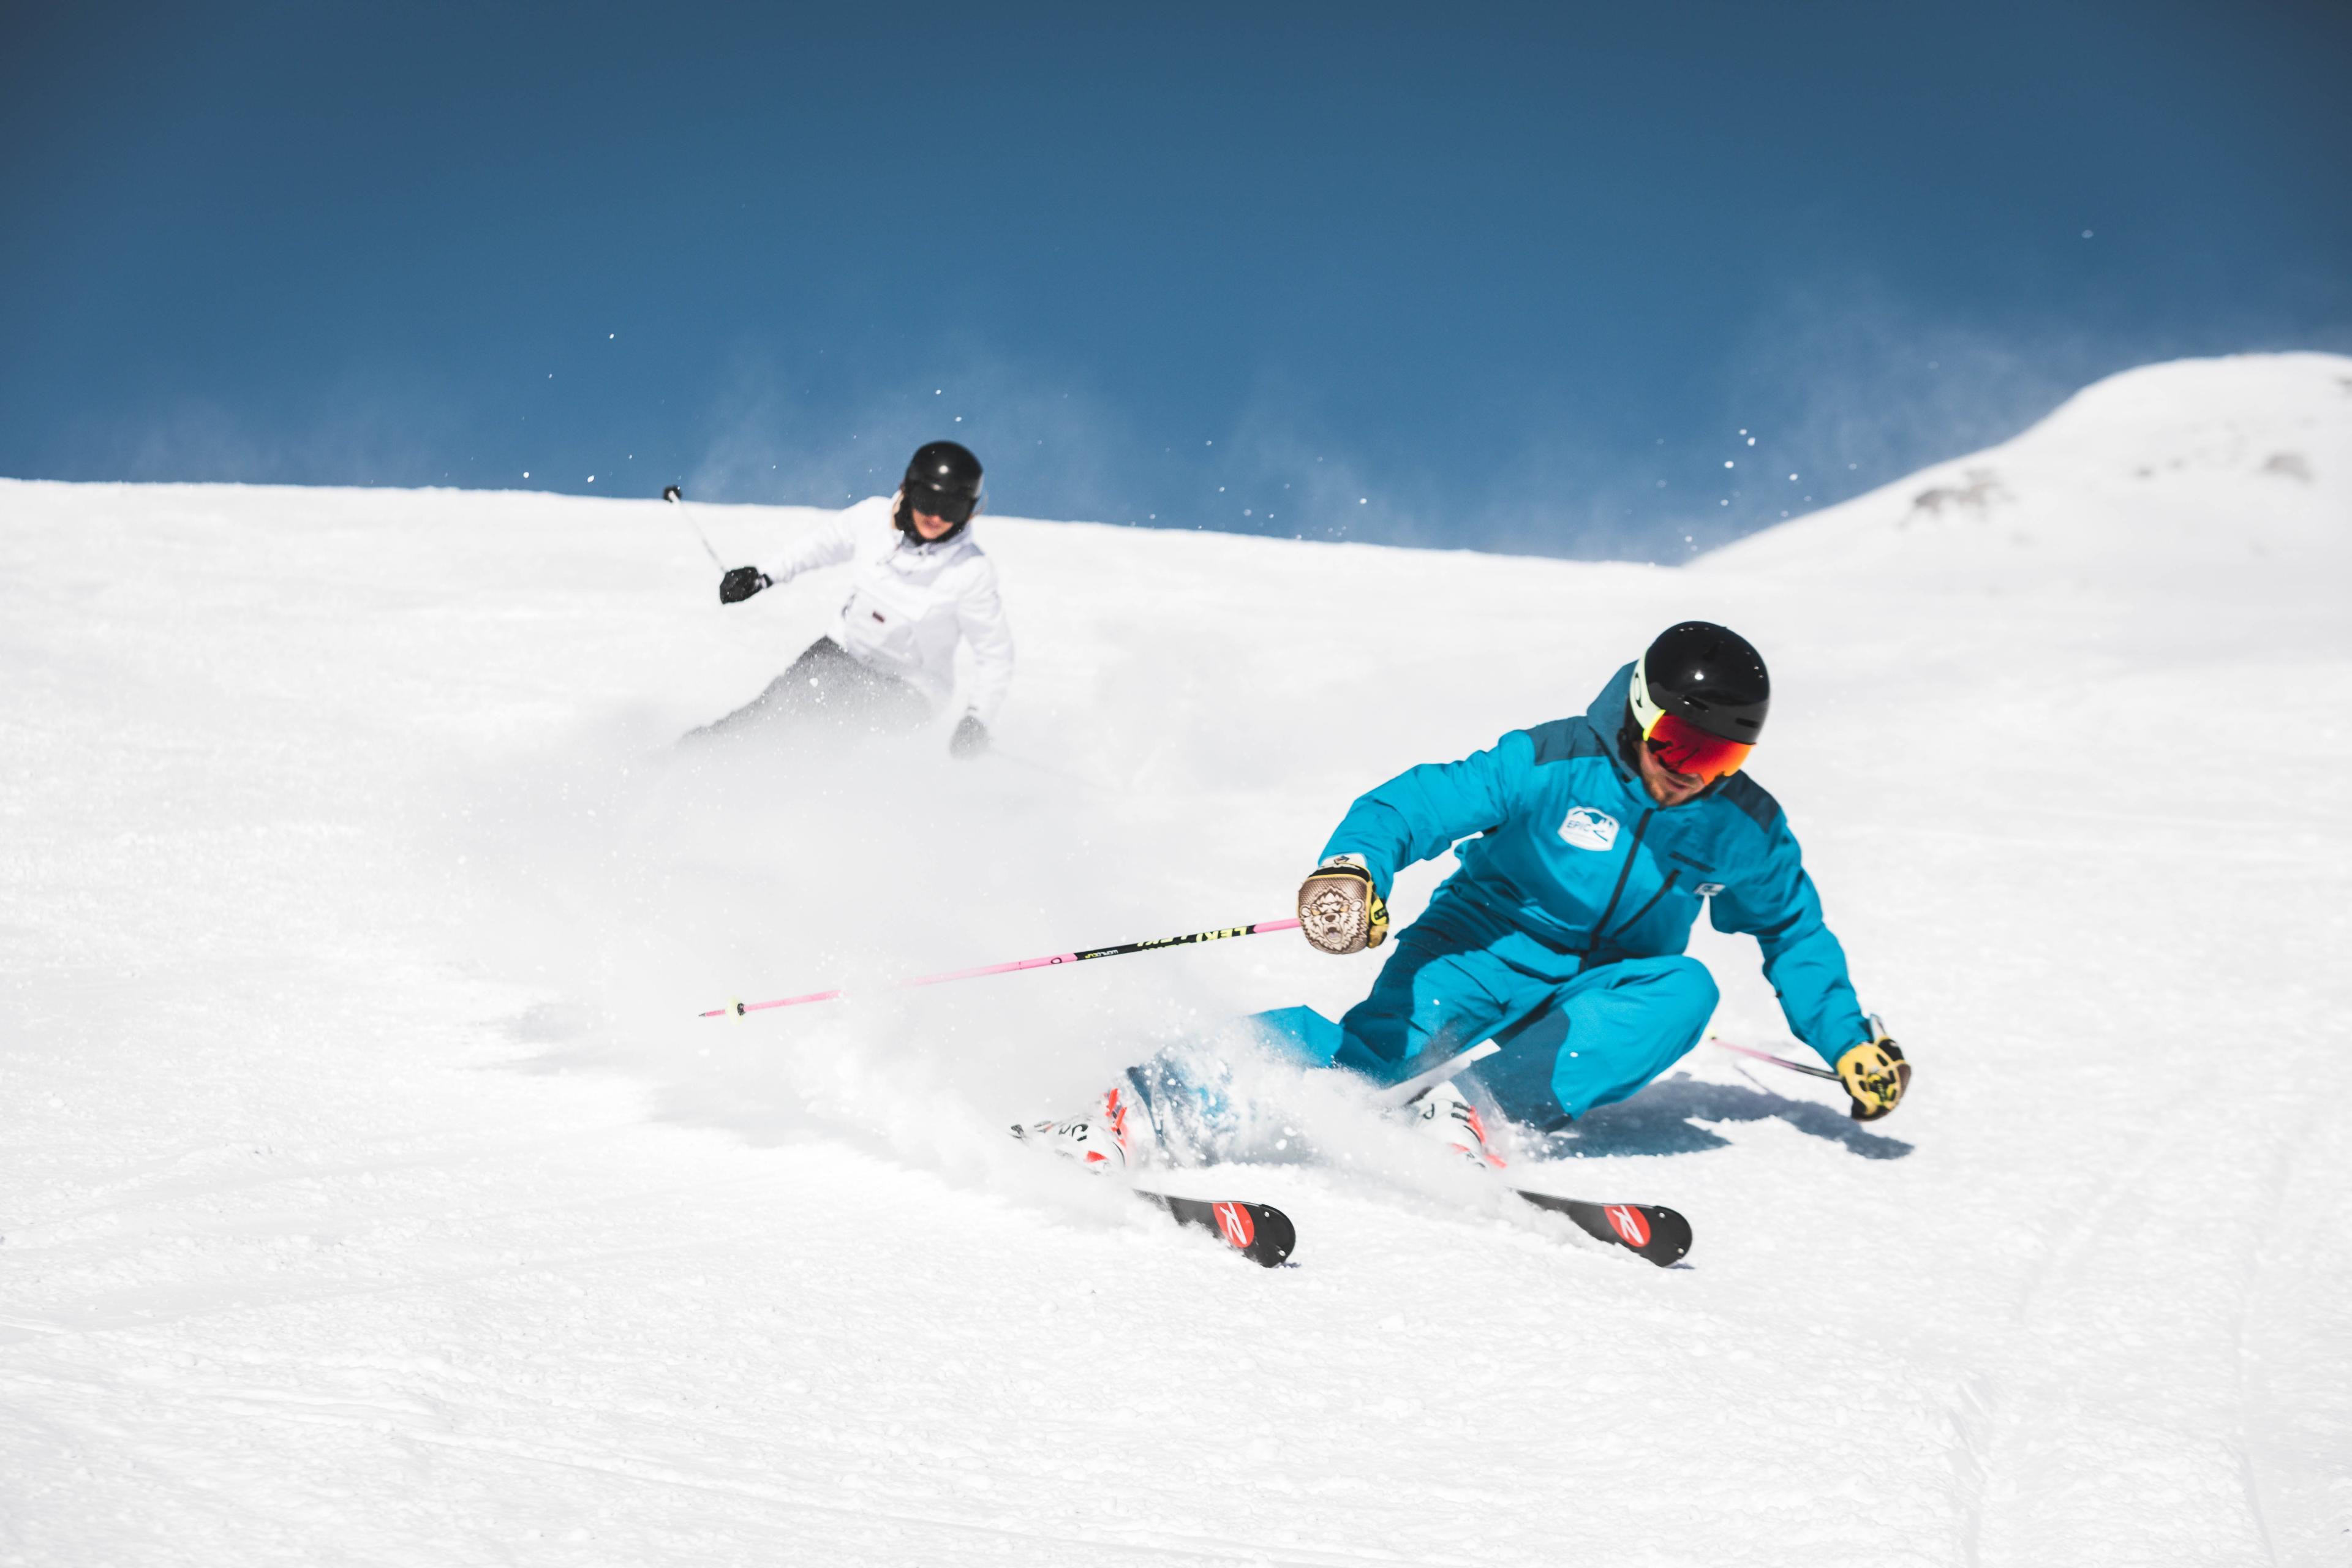 Cours de ski Adultes dès 18 ans - Avancé